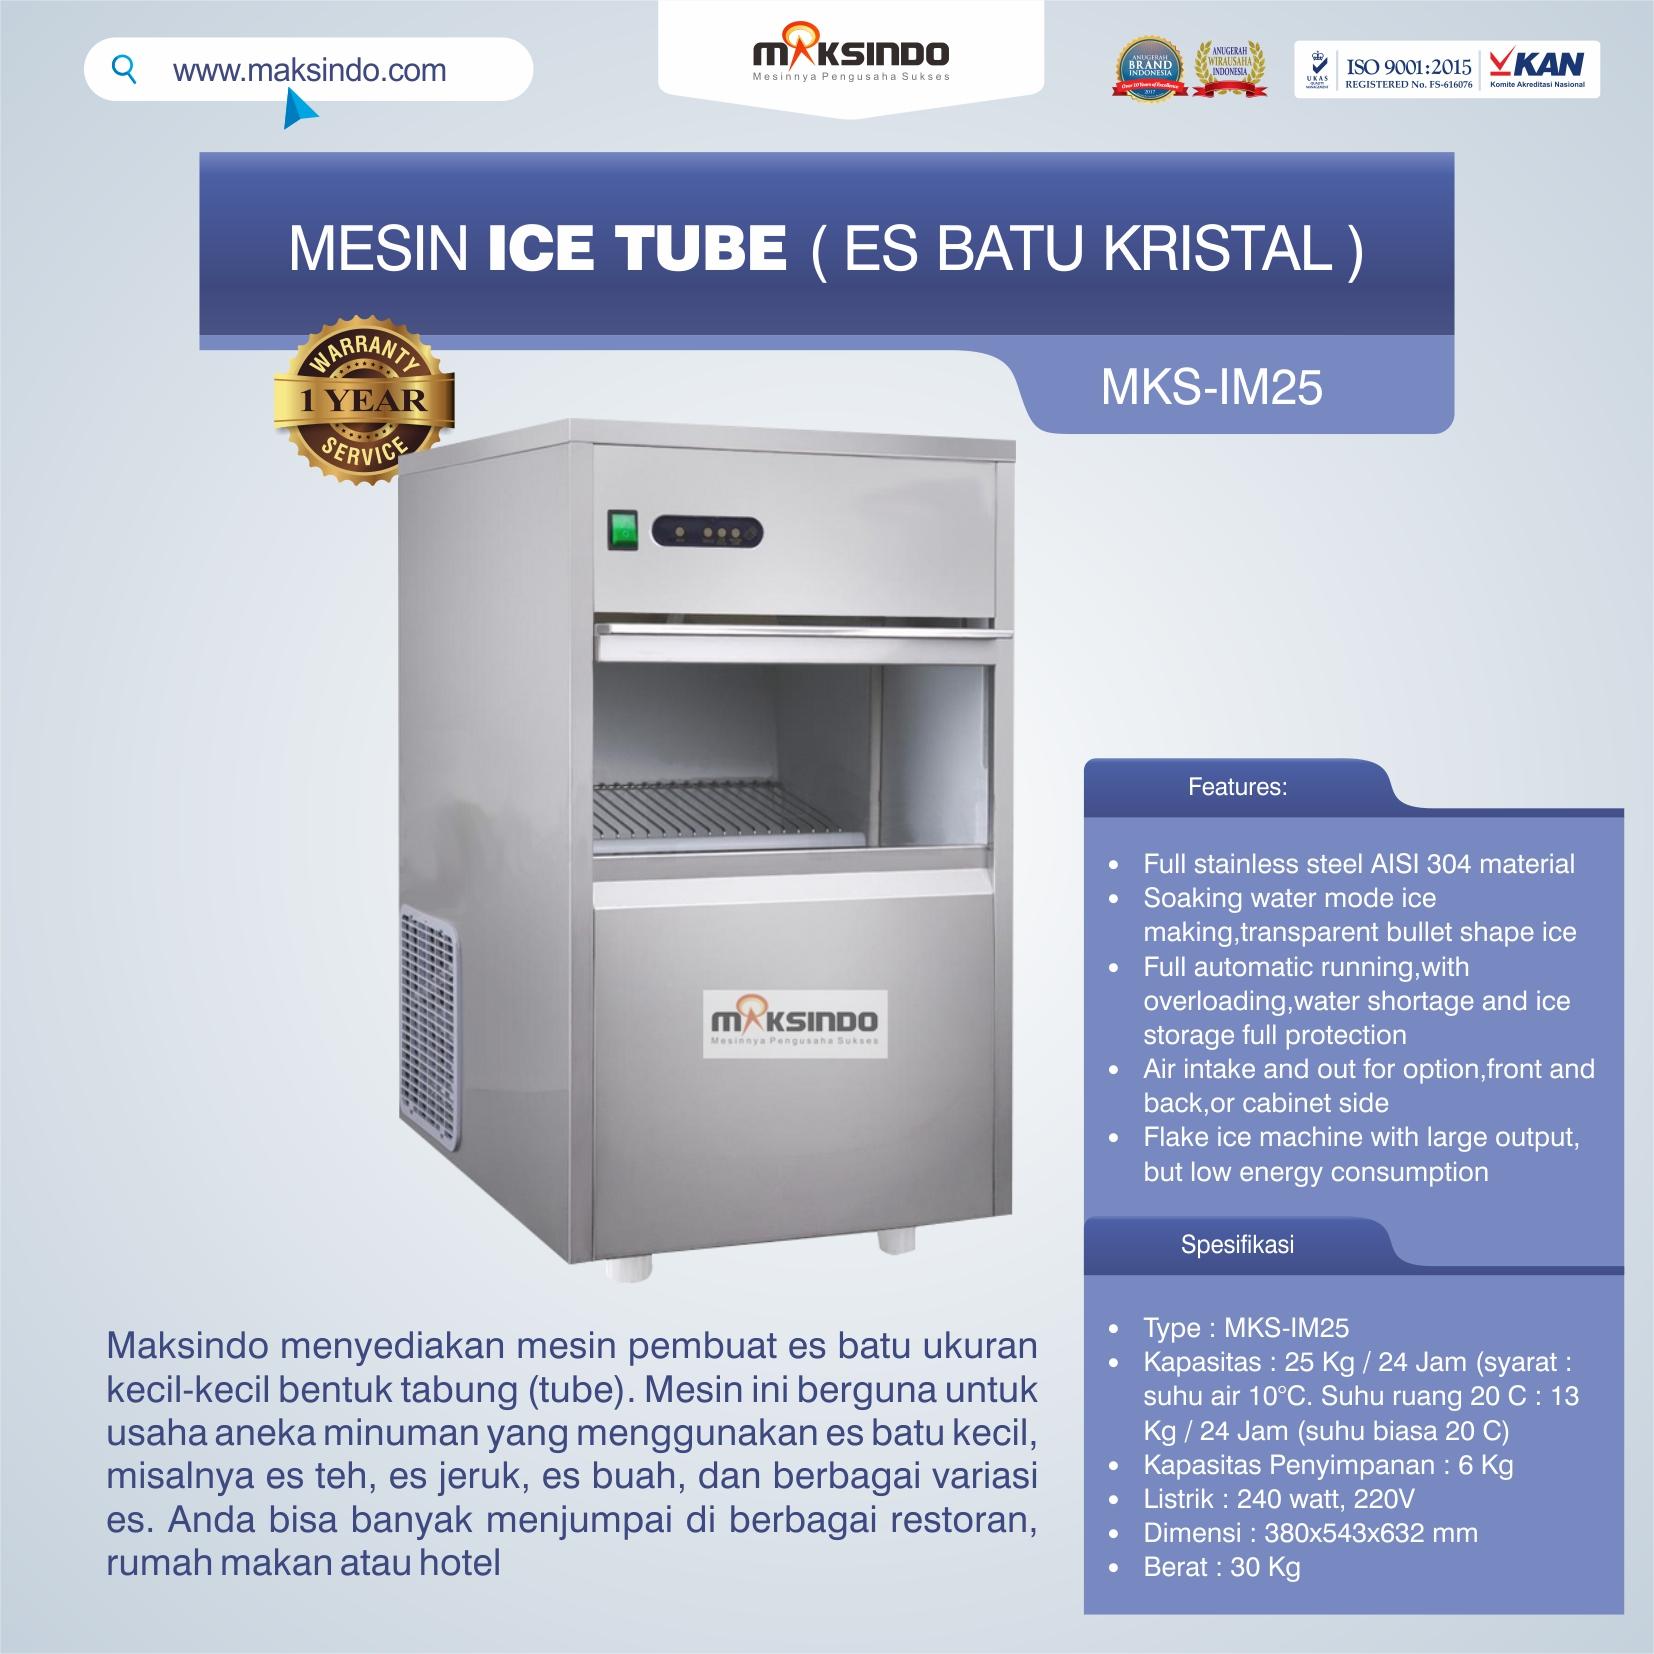 Jual Mesin Ice Tube (Es Batu Kristal) di Malang